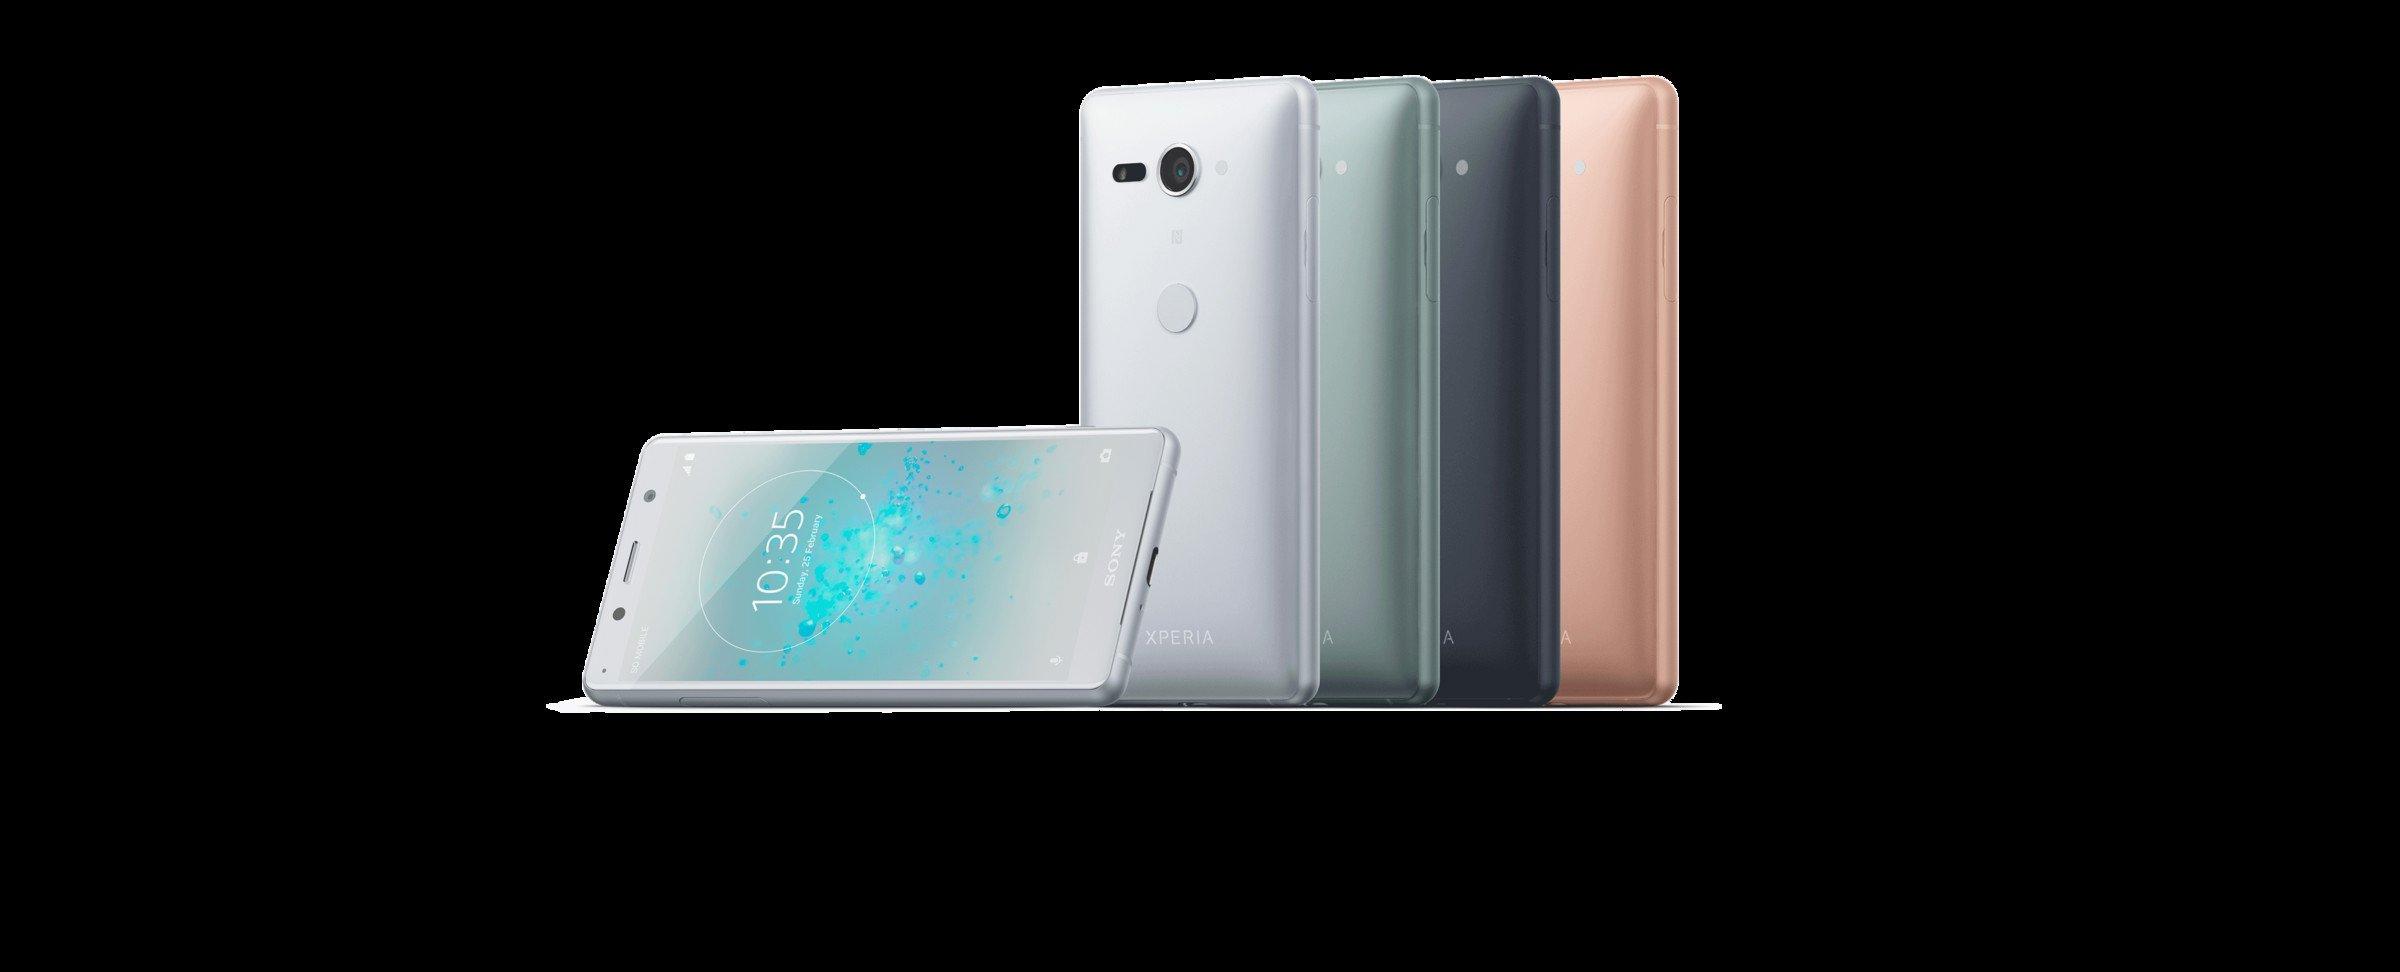 [Android] - Sony Xperia XZ2 compact的心得 - 半年篇